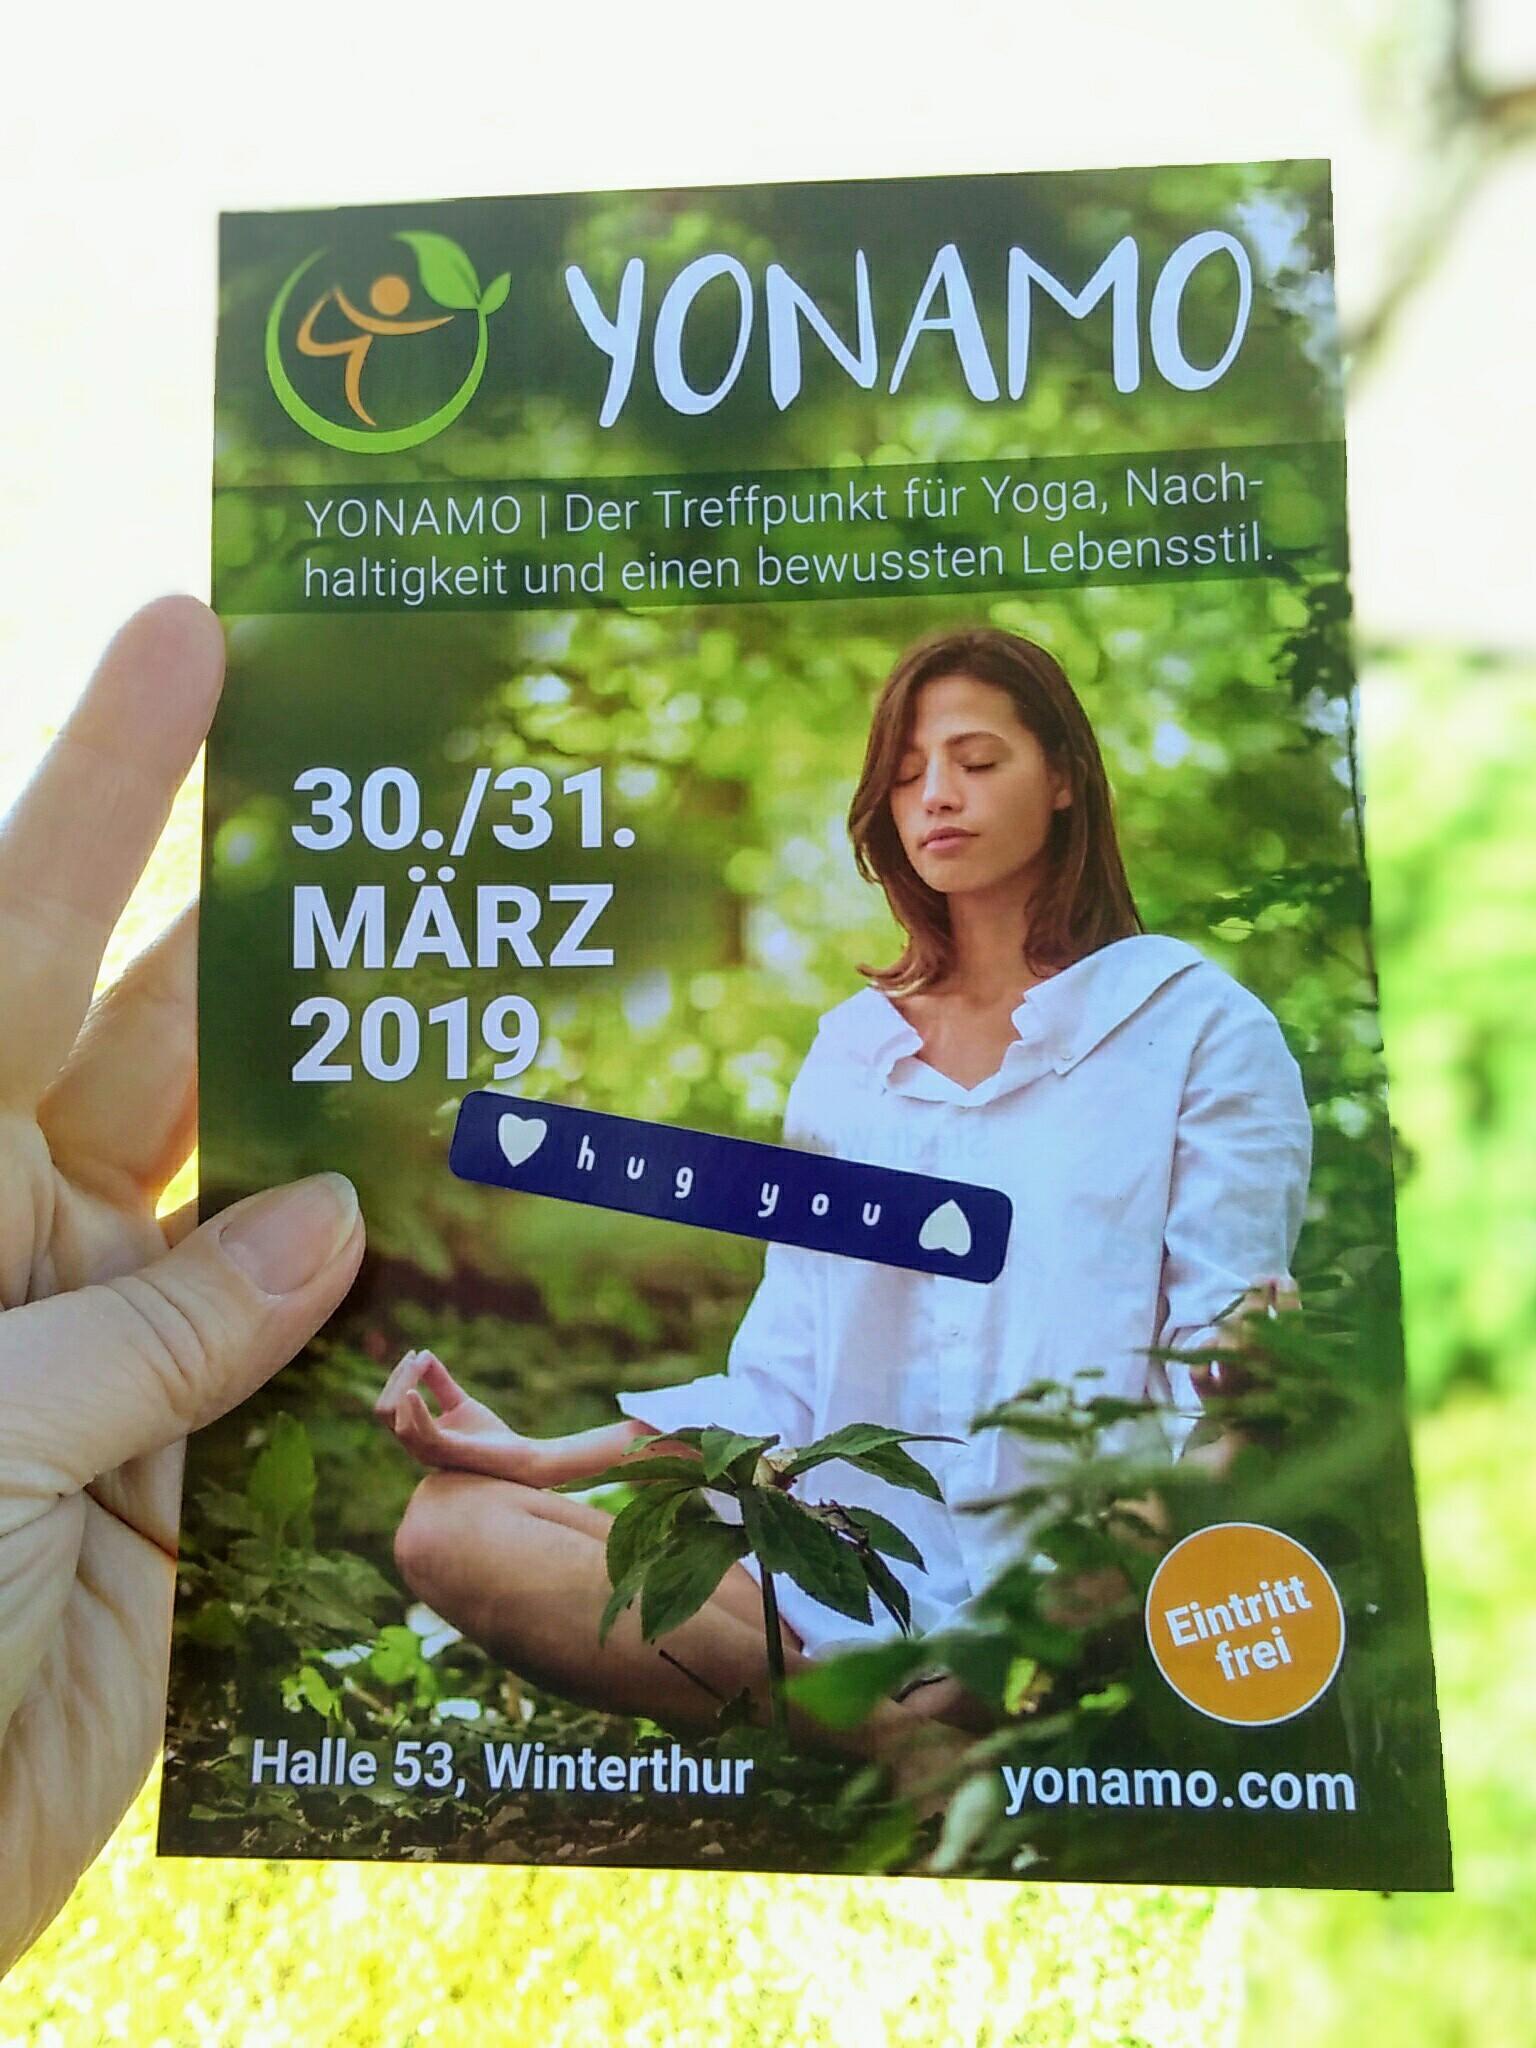 Besuchen Sie uns an der YONAMO